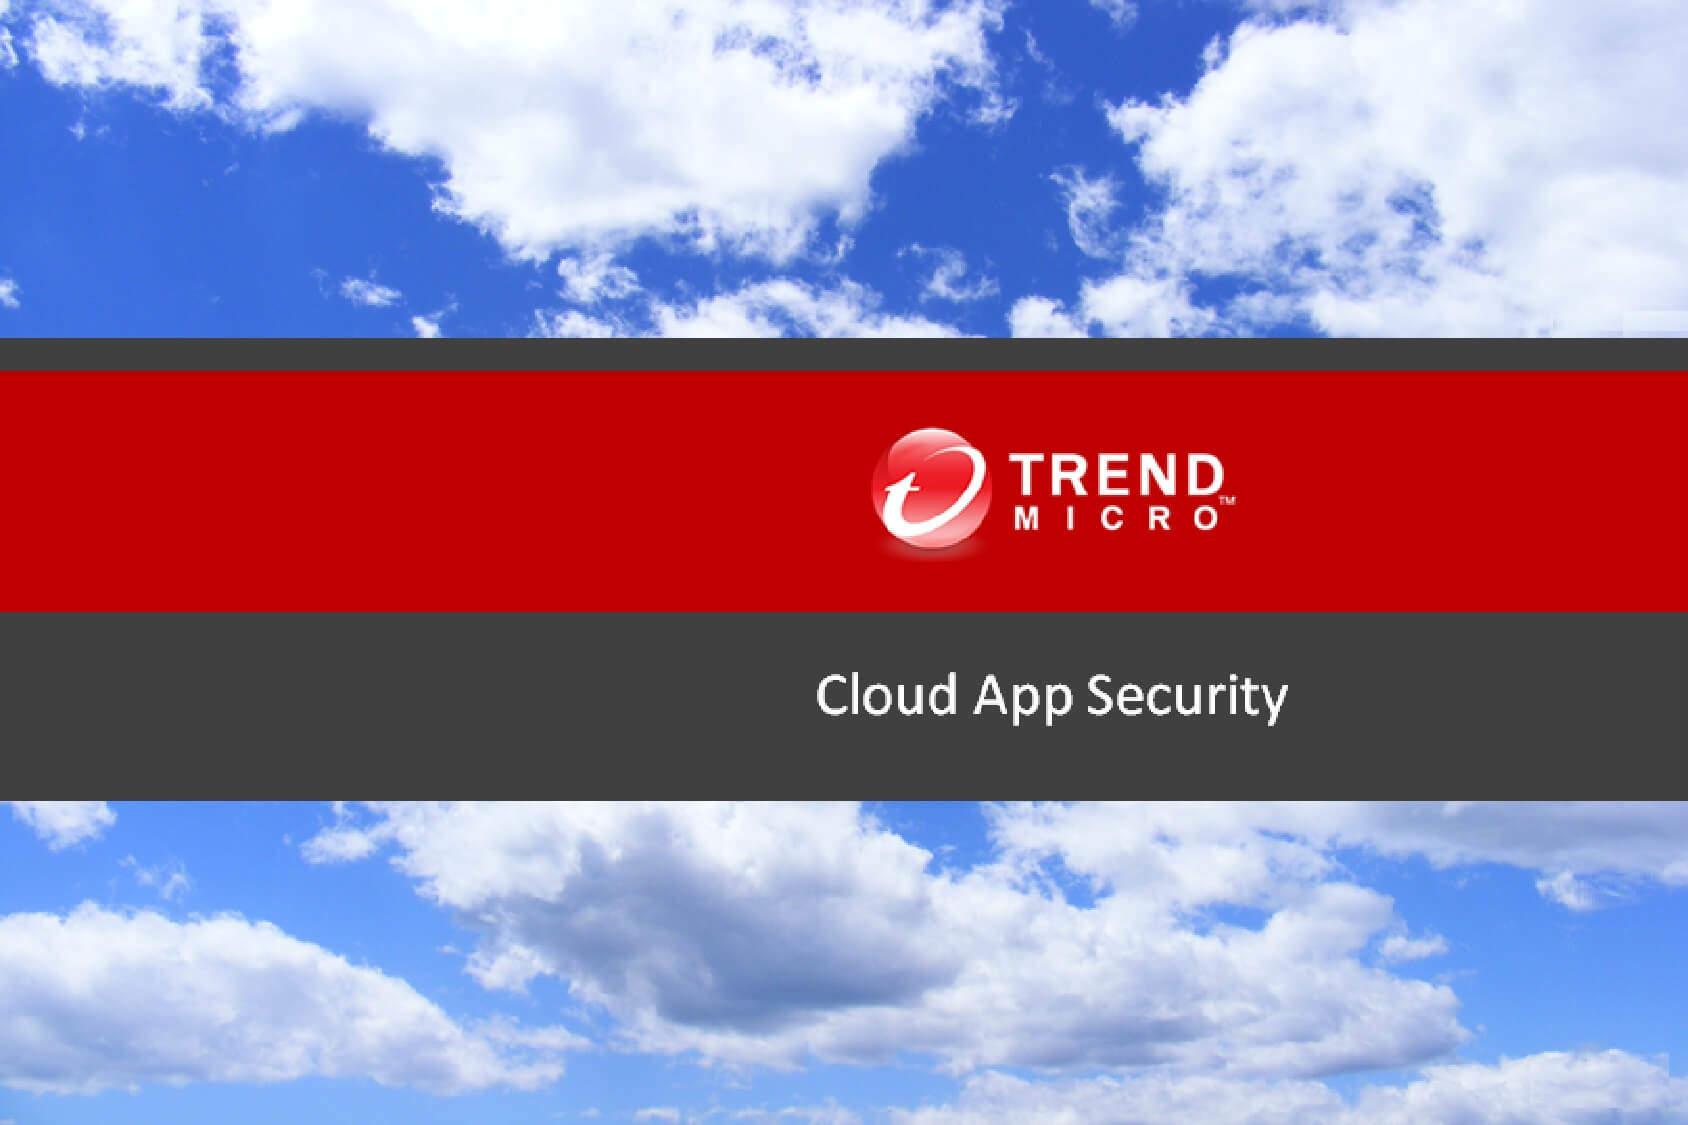 Cloud App Security